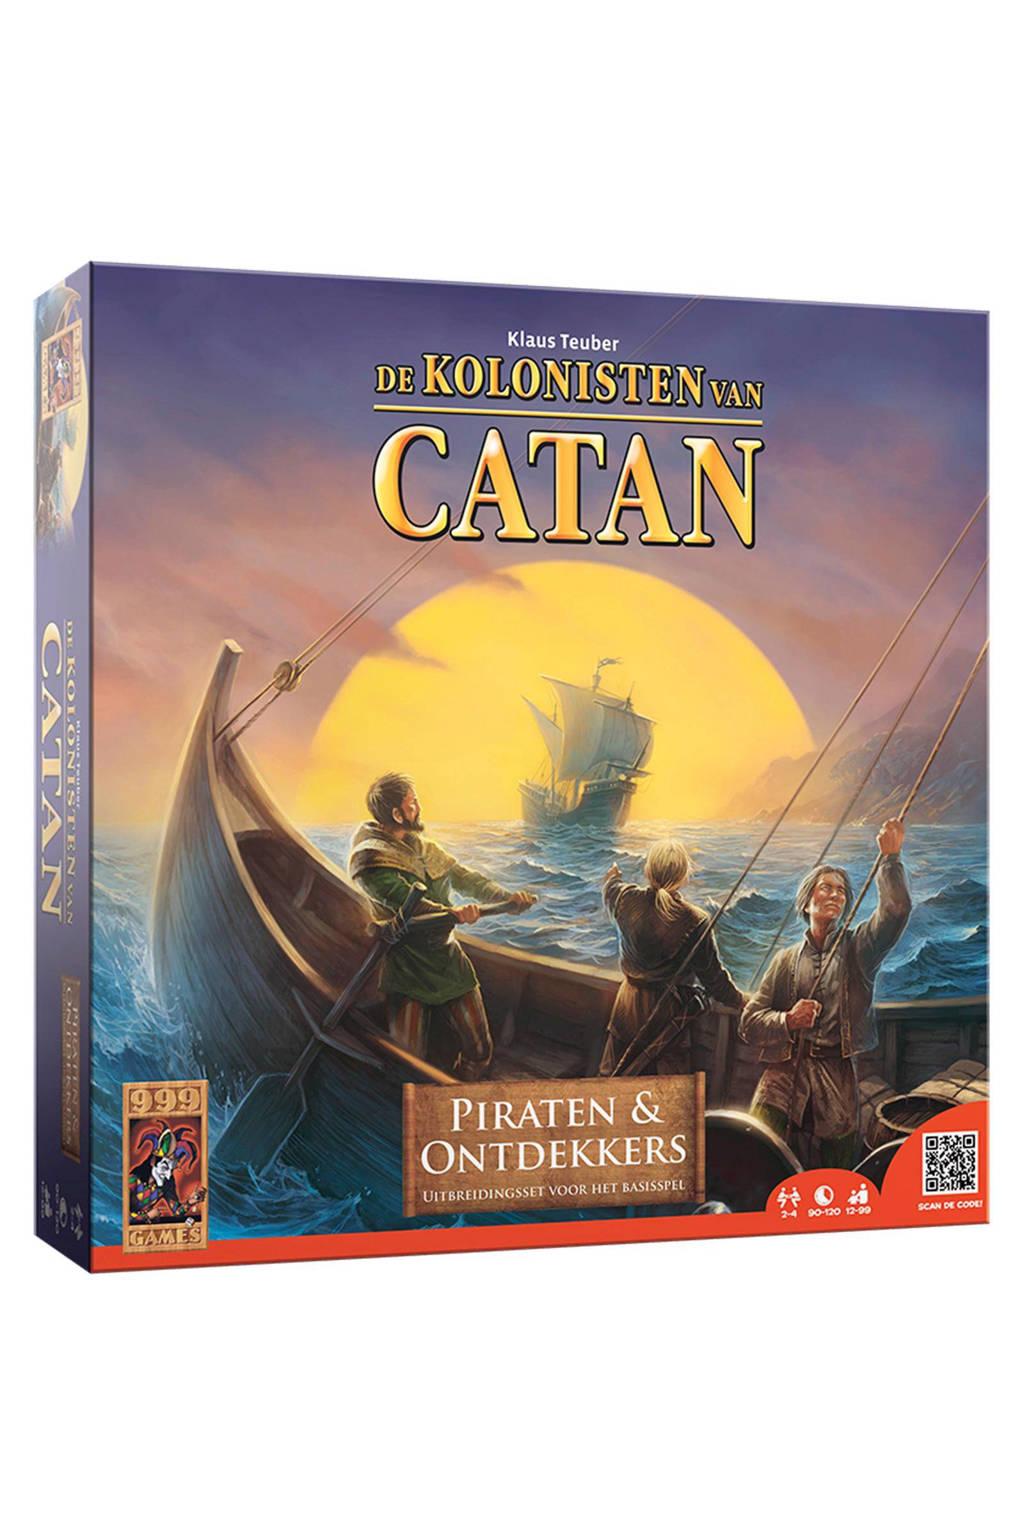 999 Games Catan Piraten & Ontdekkers uitbreidingsspel